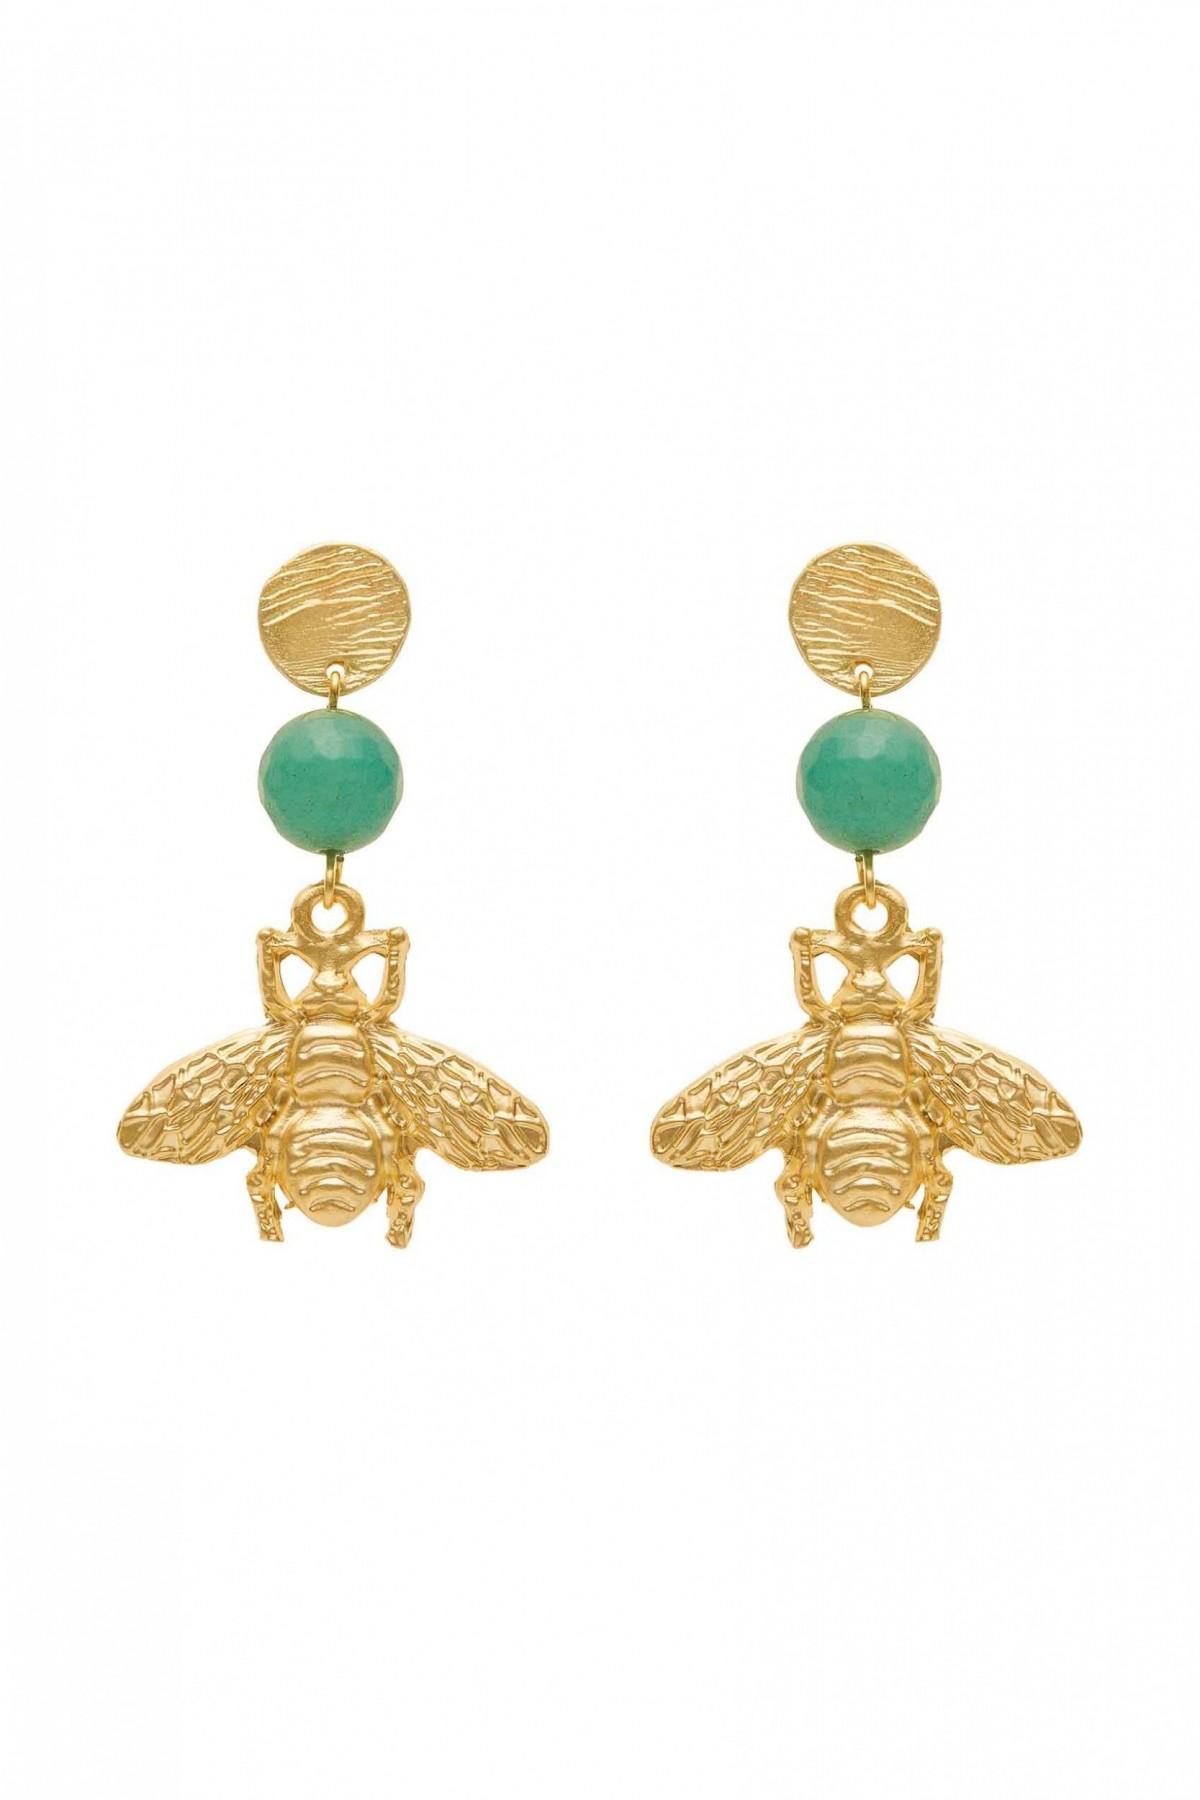 The Bug Earrings